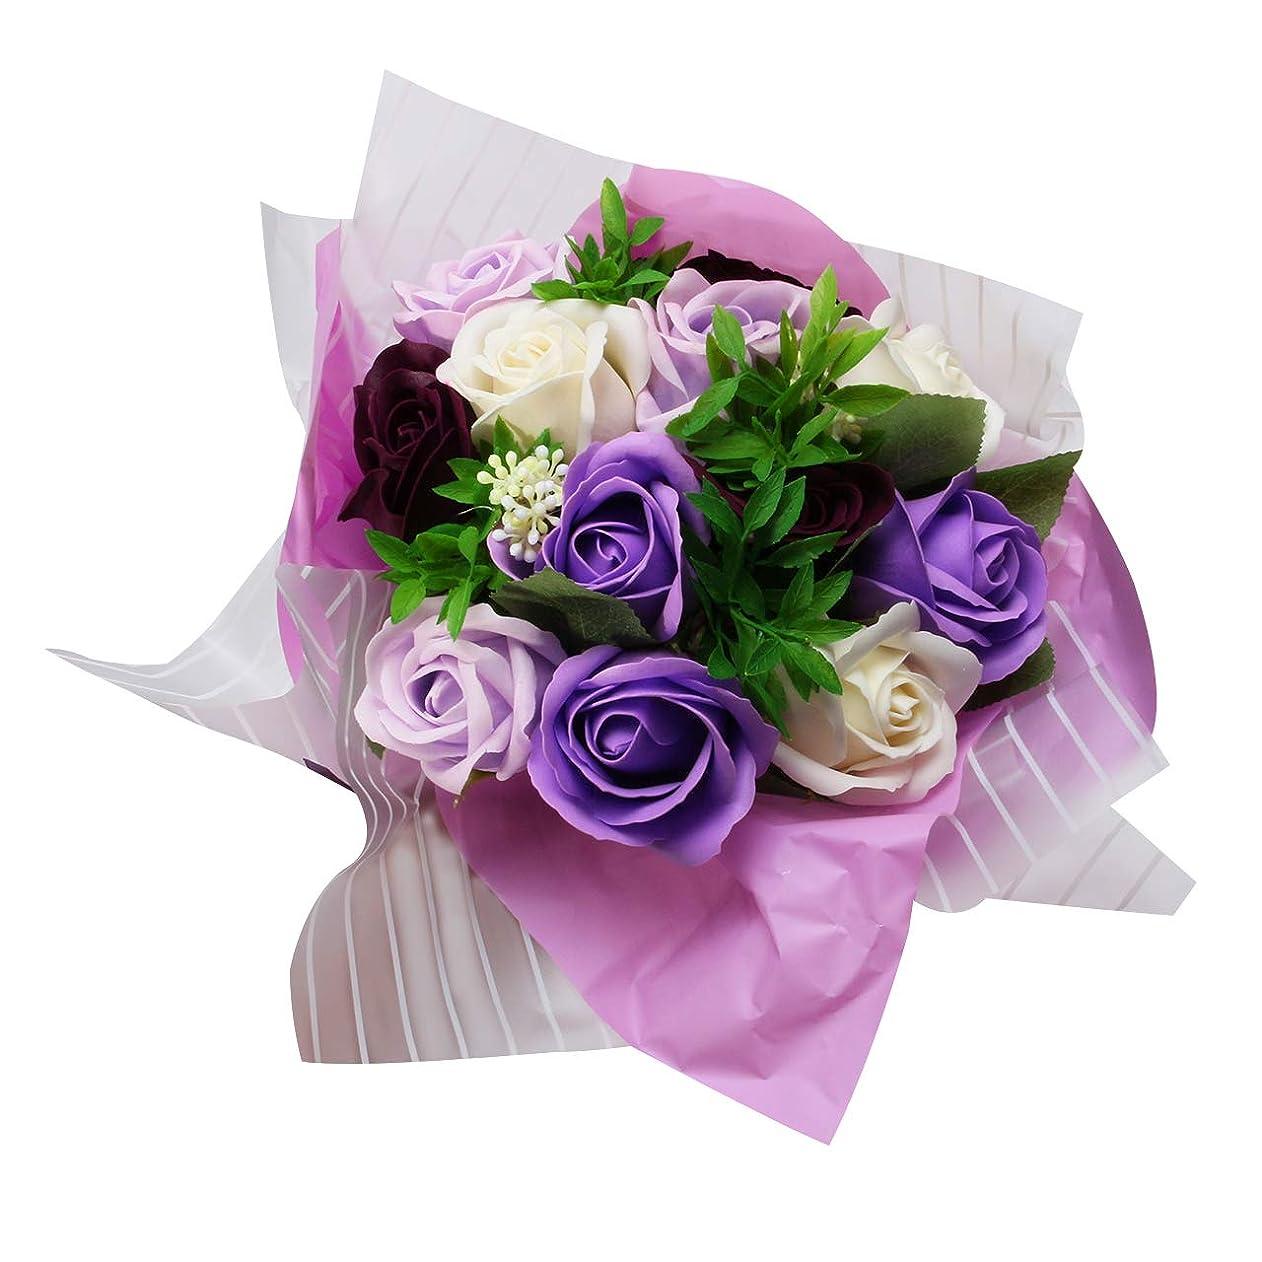 一定ランダム鋭くソープフラワー バラ 花束 フラワー 造花 ギフト プレゼント 母の日 誕生日 女性 お見舞い 退職祝い 敬老の日 お祝い ミスティローズ ブーケ (パープル)